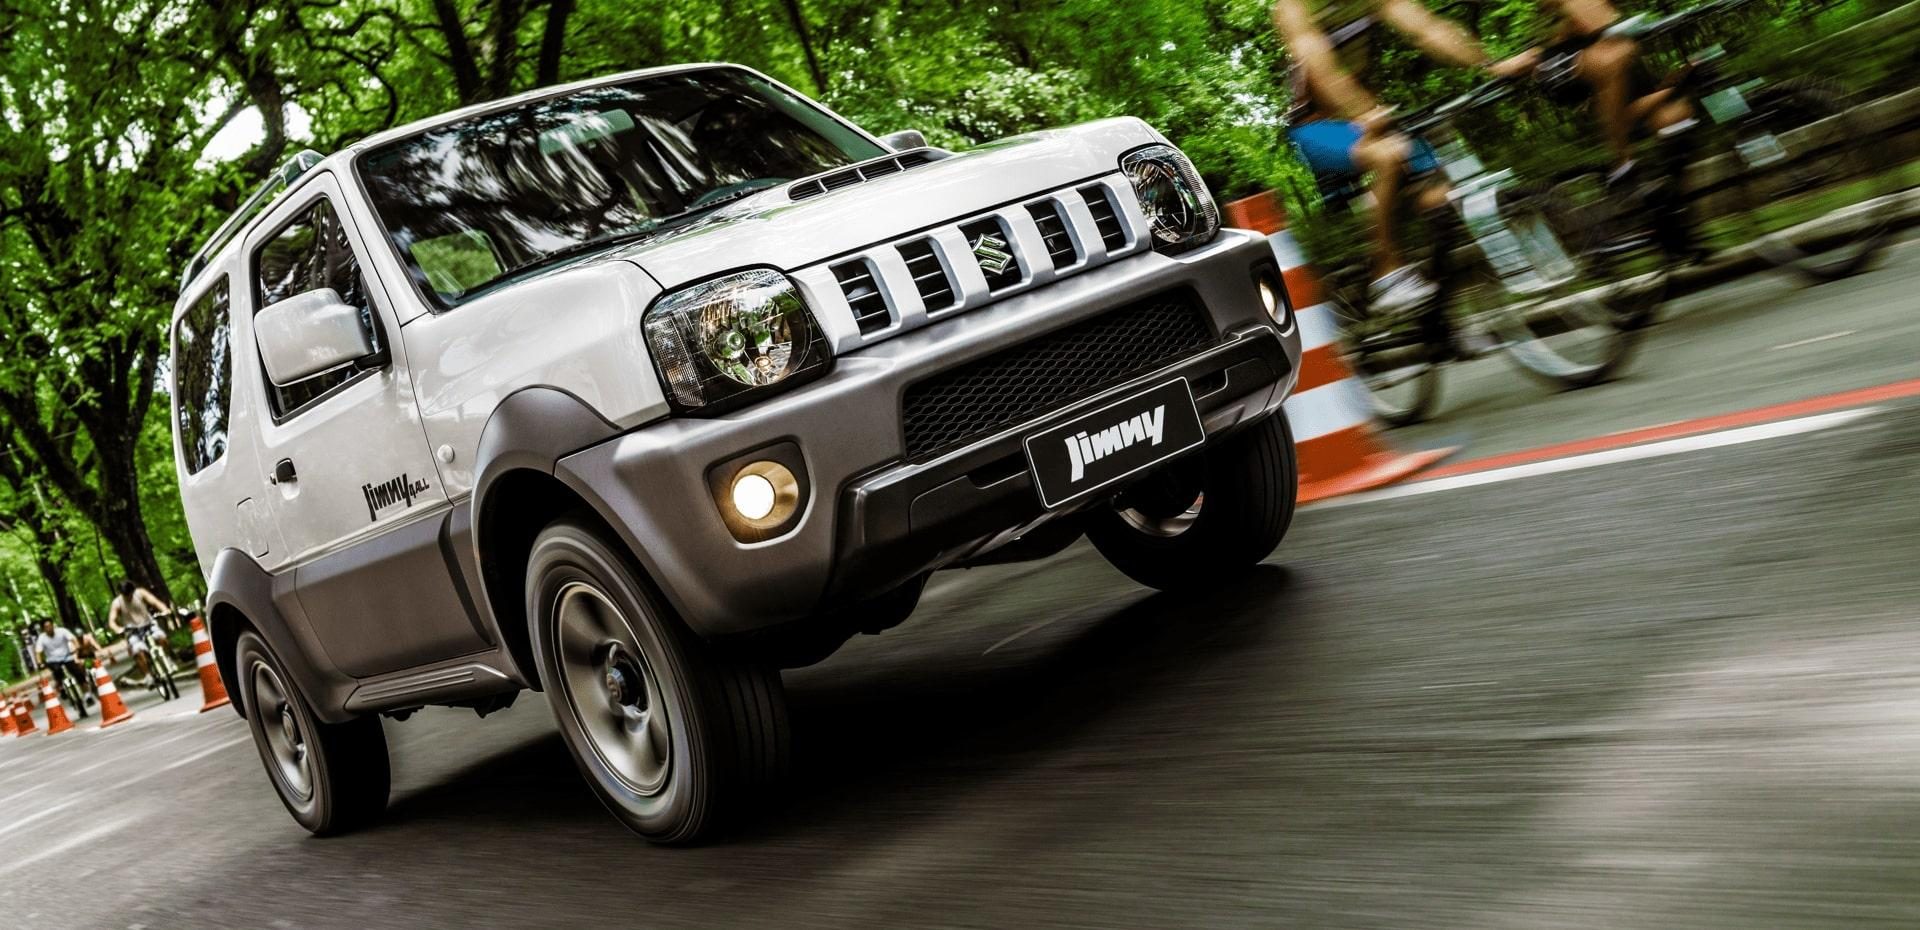 Novo Suzuki Jimny para Comprar na Concessionária Autorizada Via Natsu em Belo Horizonte, MG